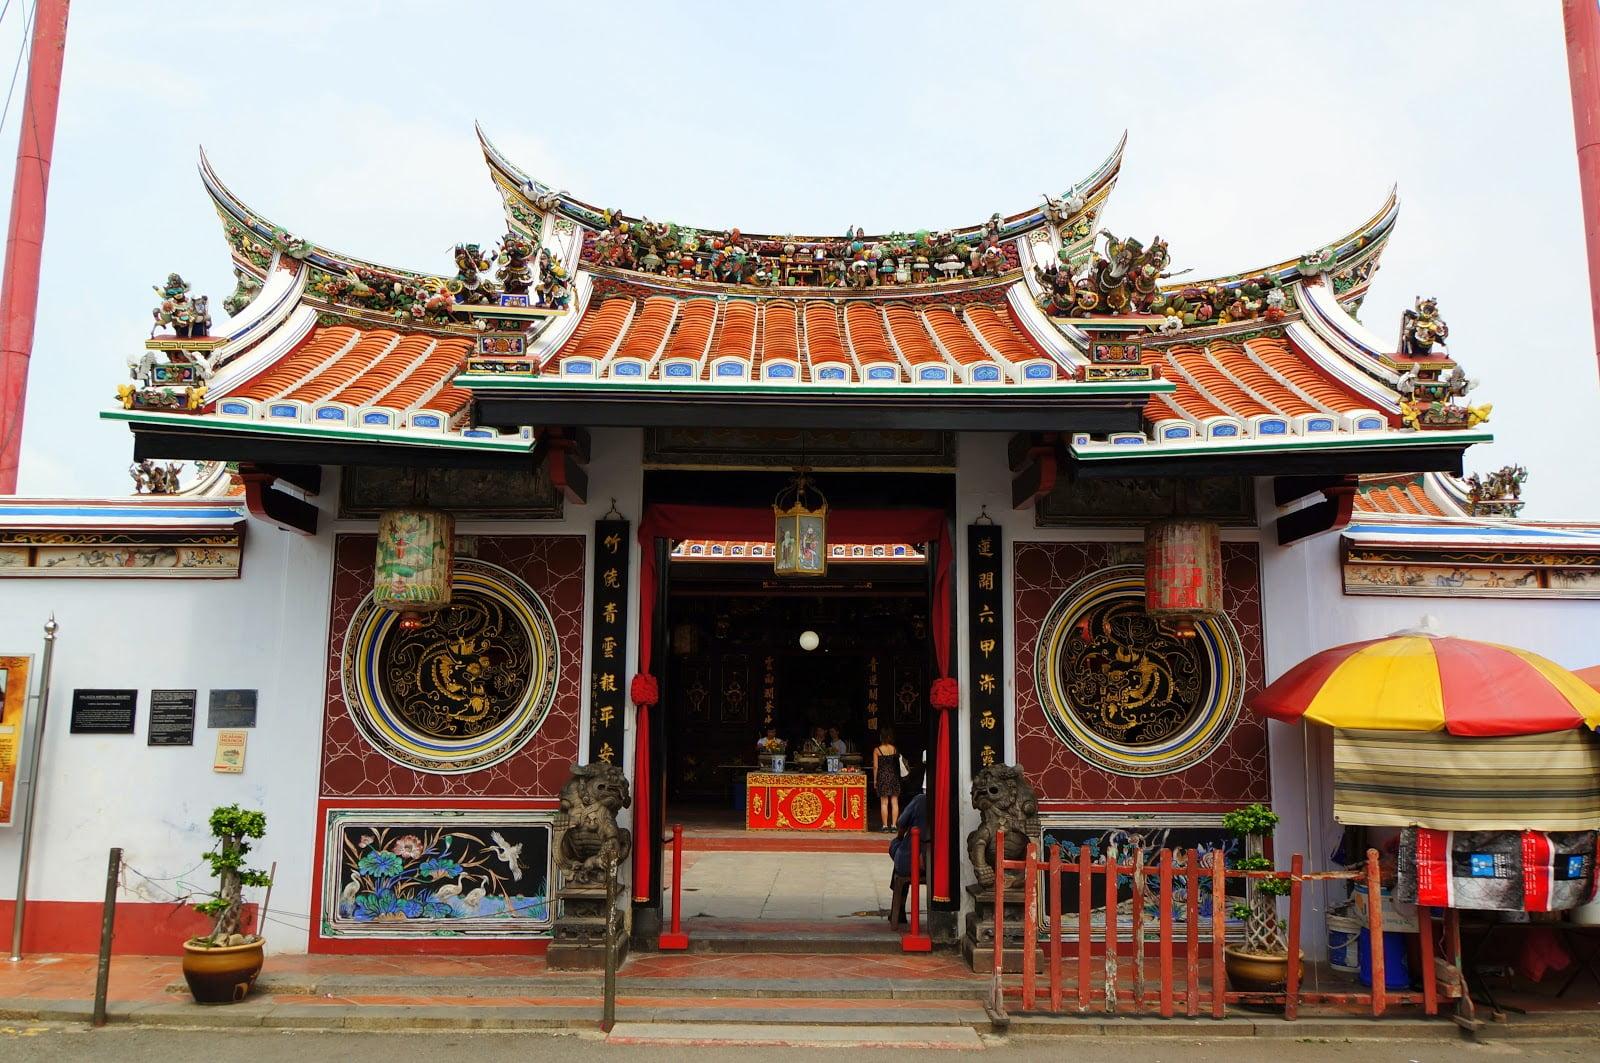 معبد تشنغ هون تنغ الصيني